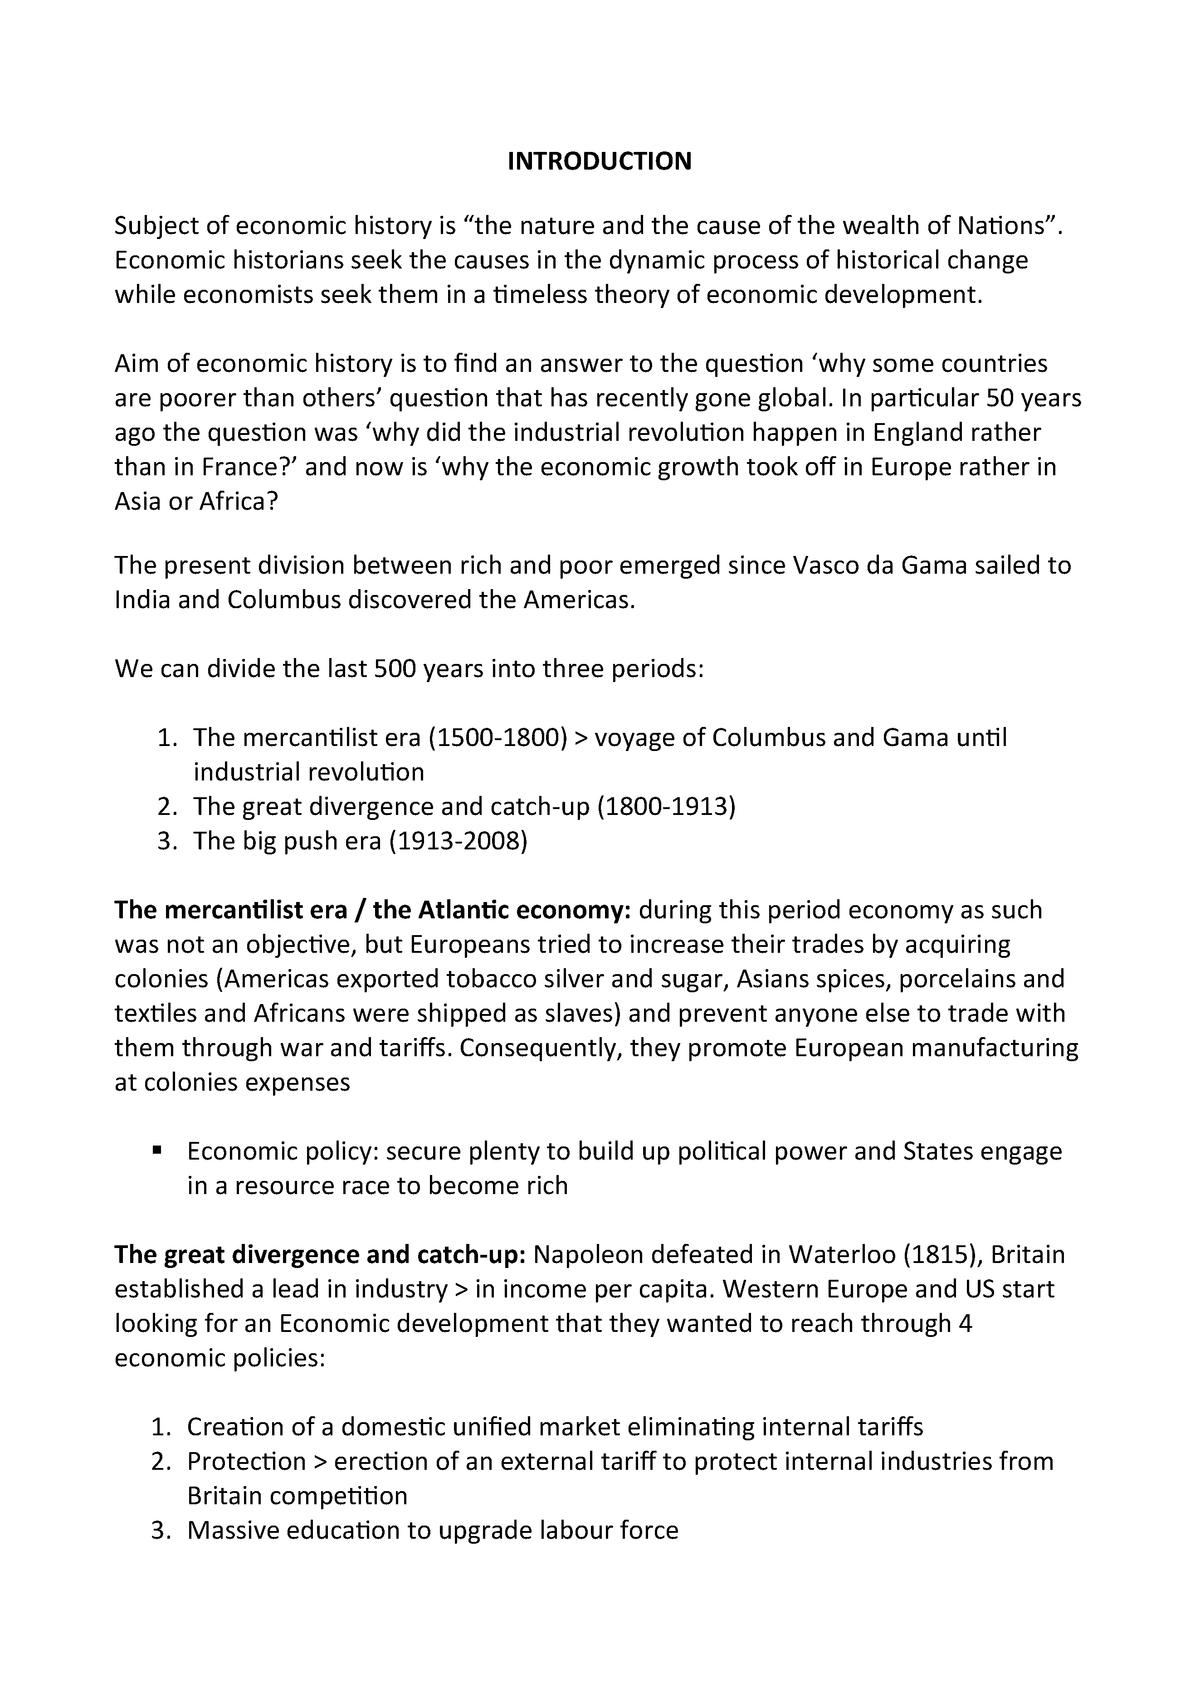 Summary 30067 30067 08 Oct 2018 - StuDocu